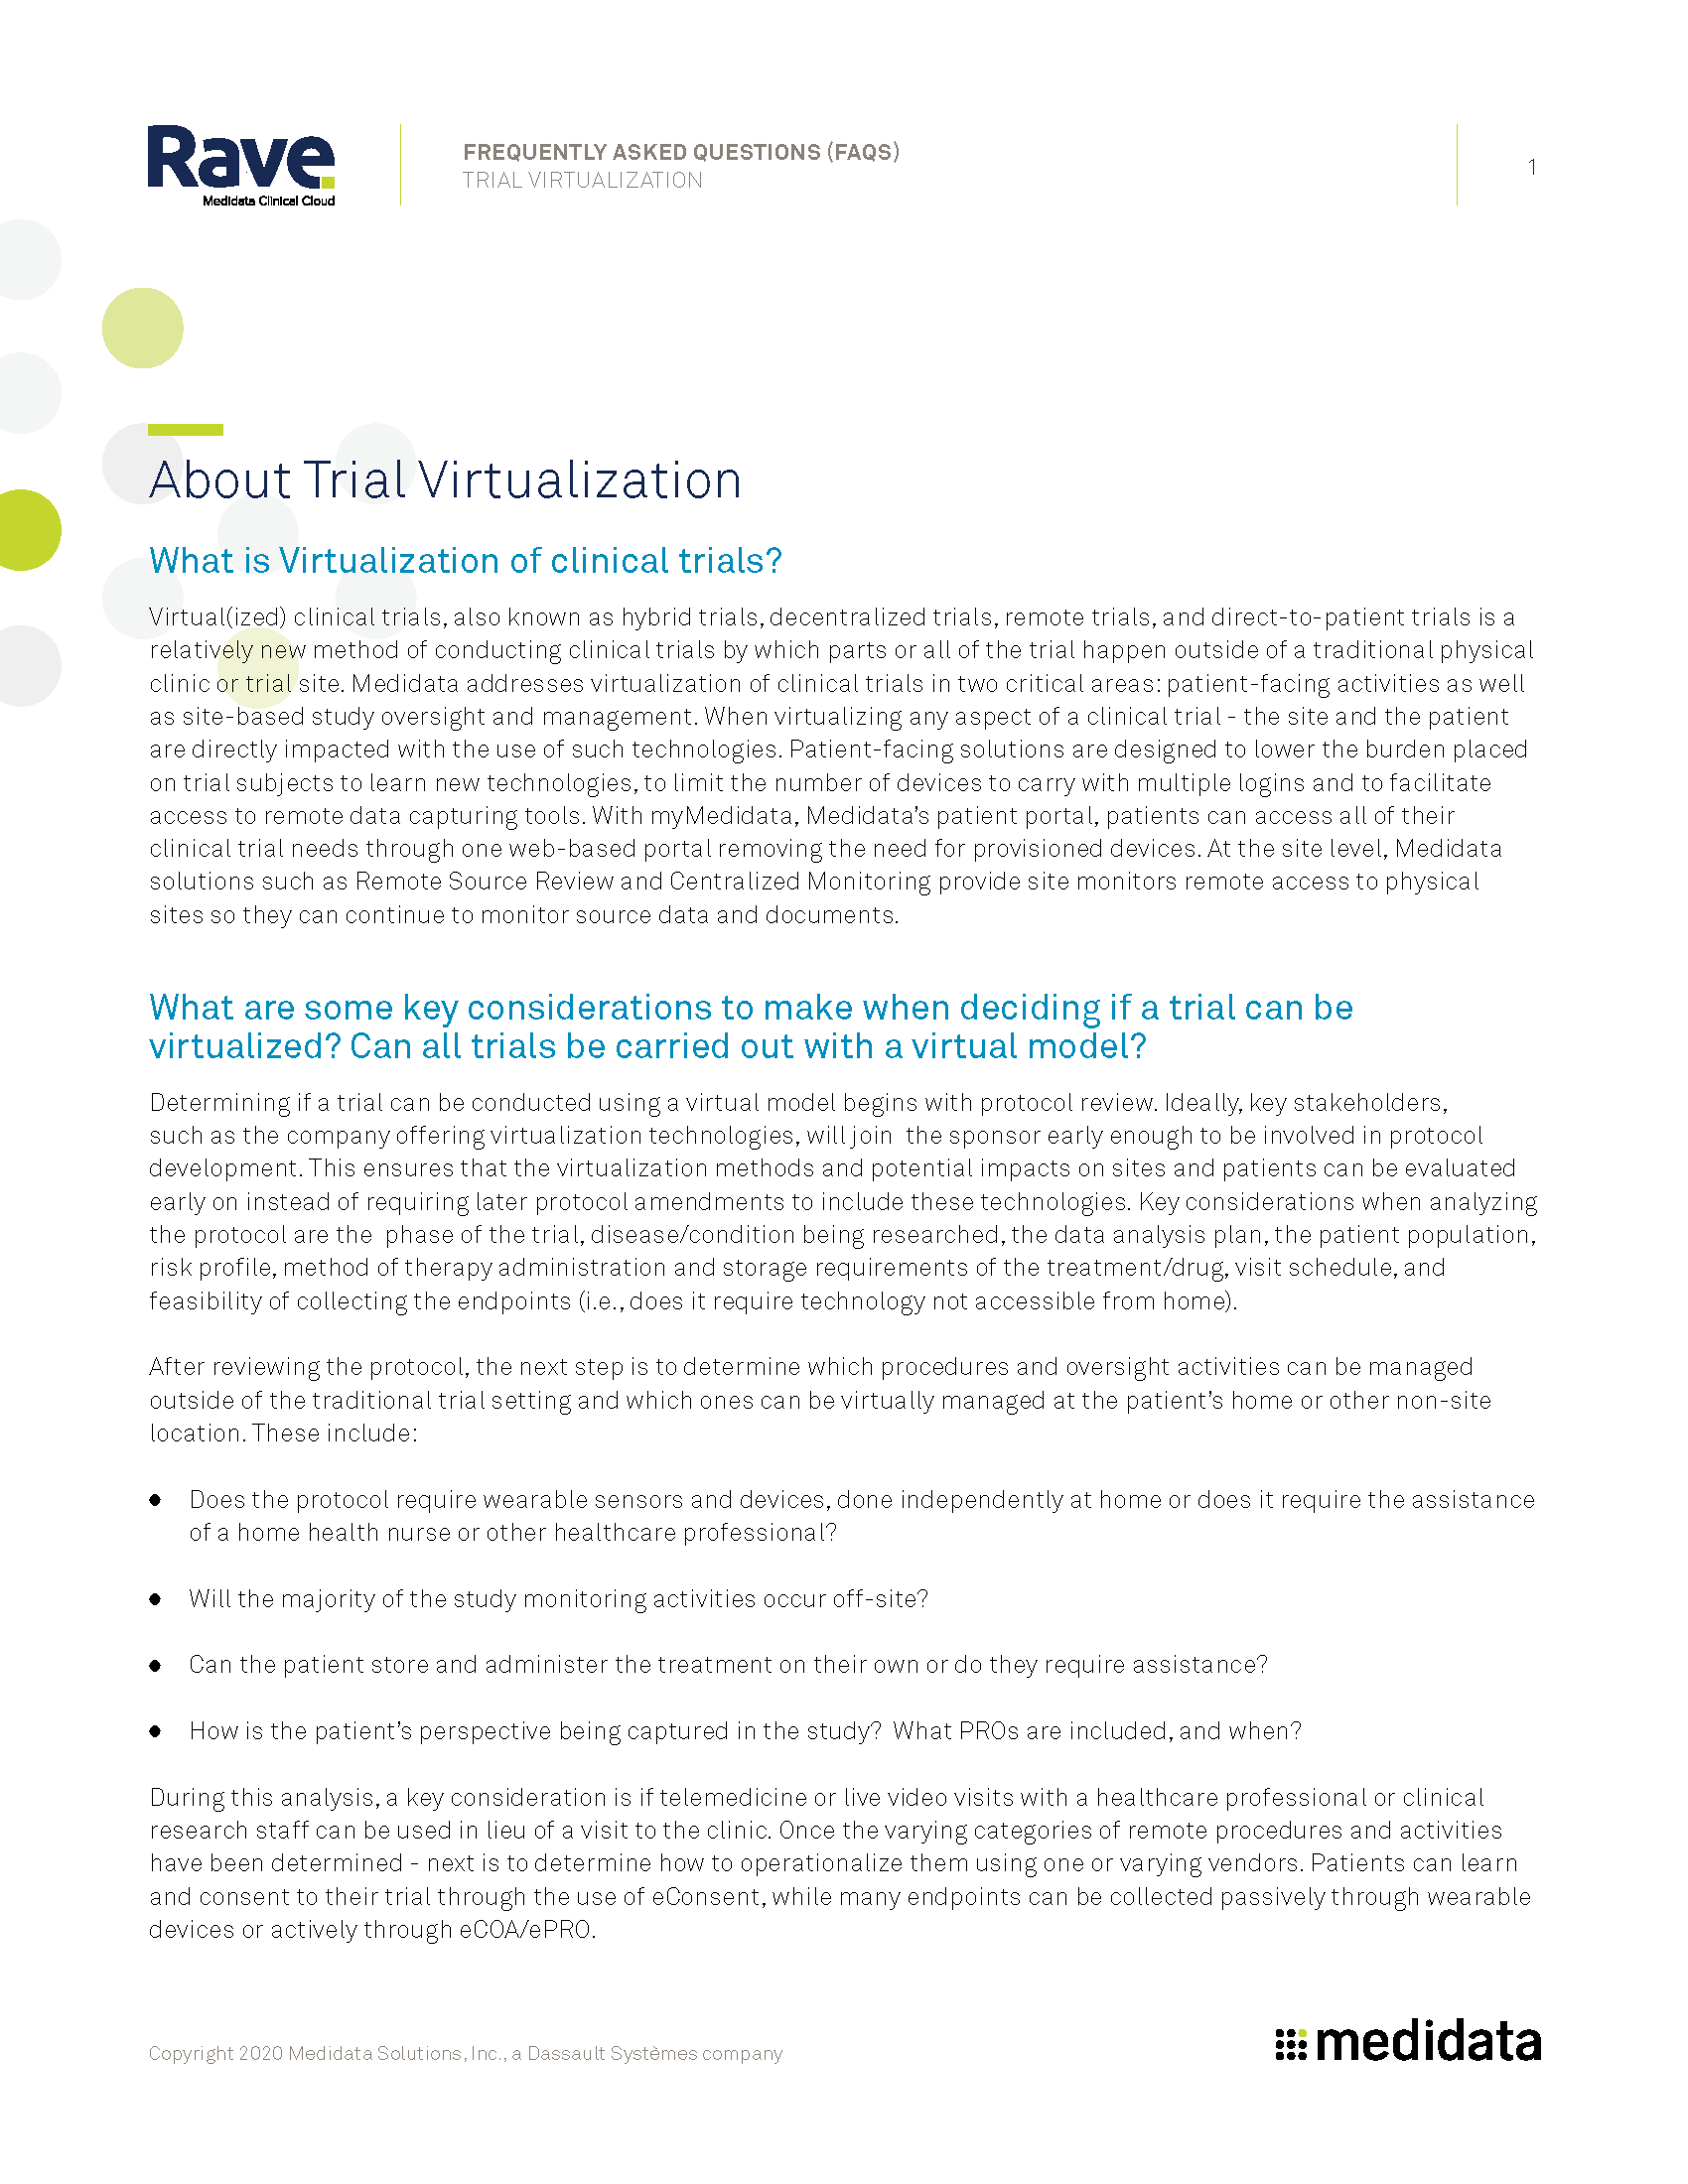 Virtualization of Trials FAQ